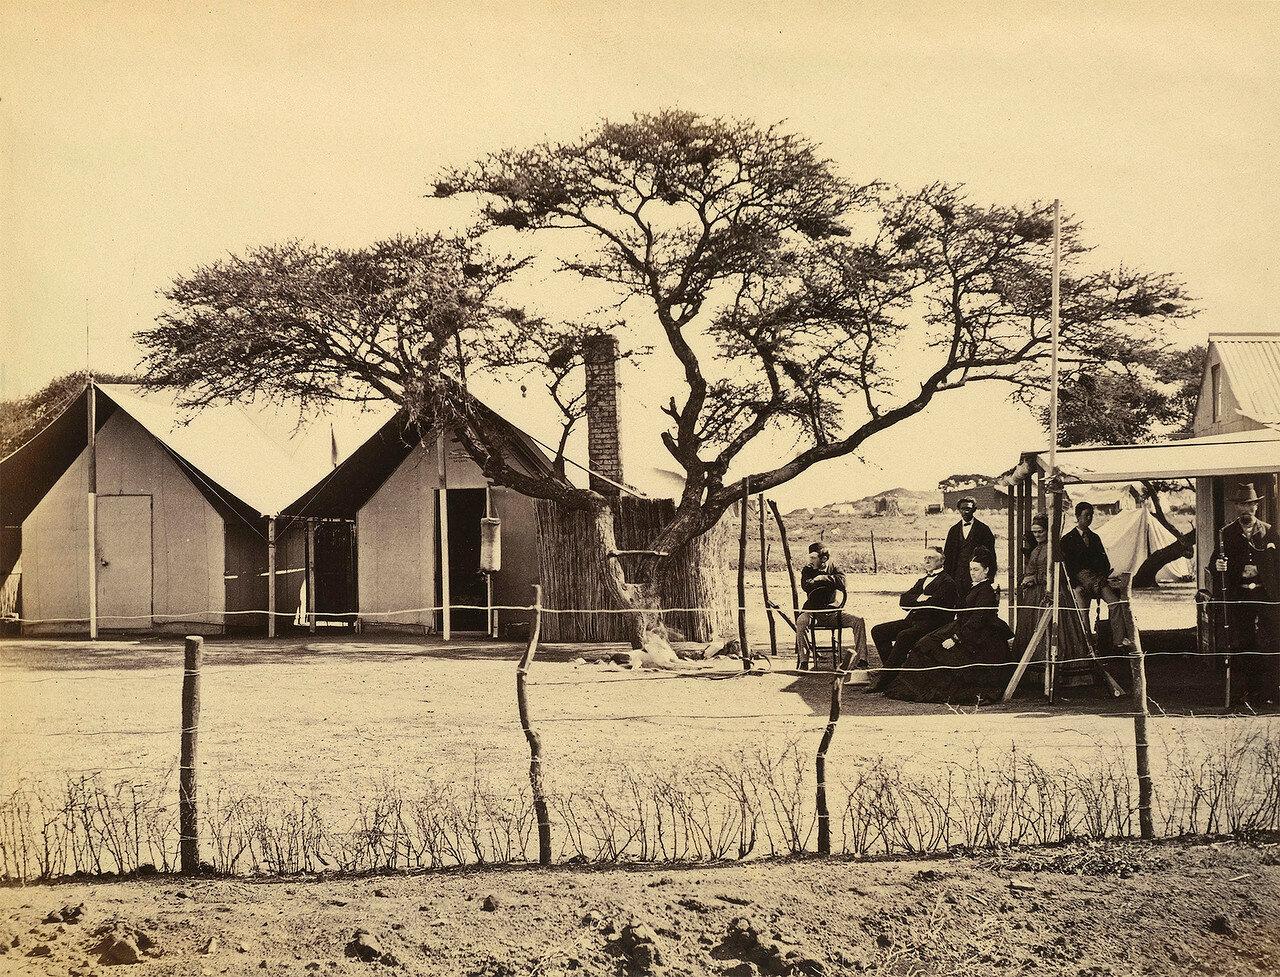 Лагерь вице-губернатора Саути на старой ферме Дэ Бирс